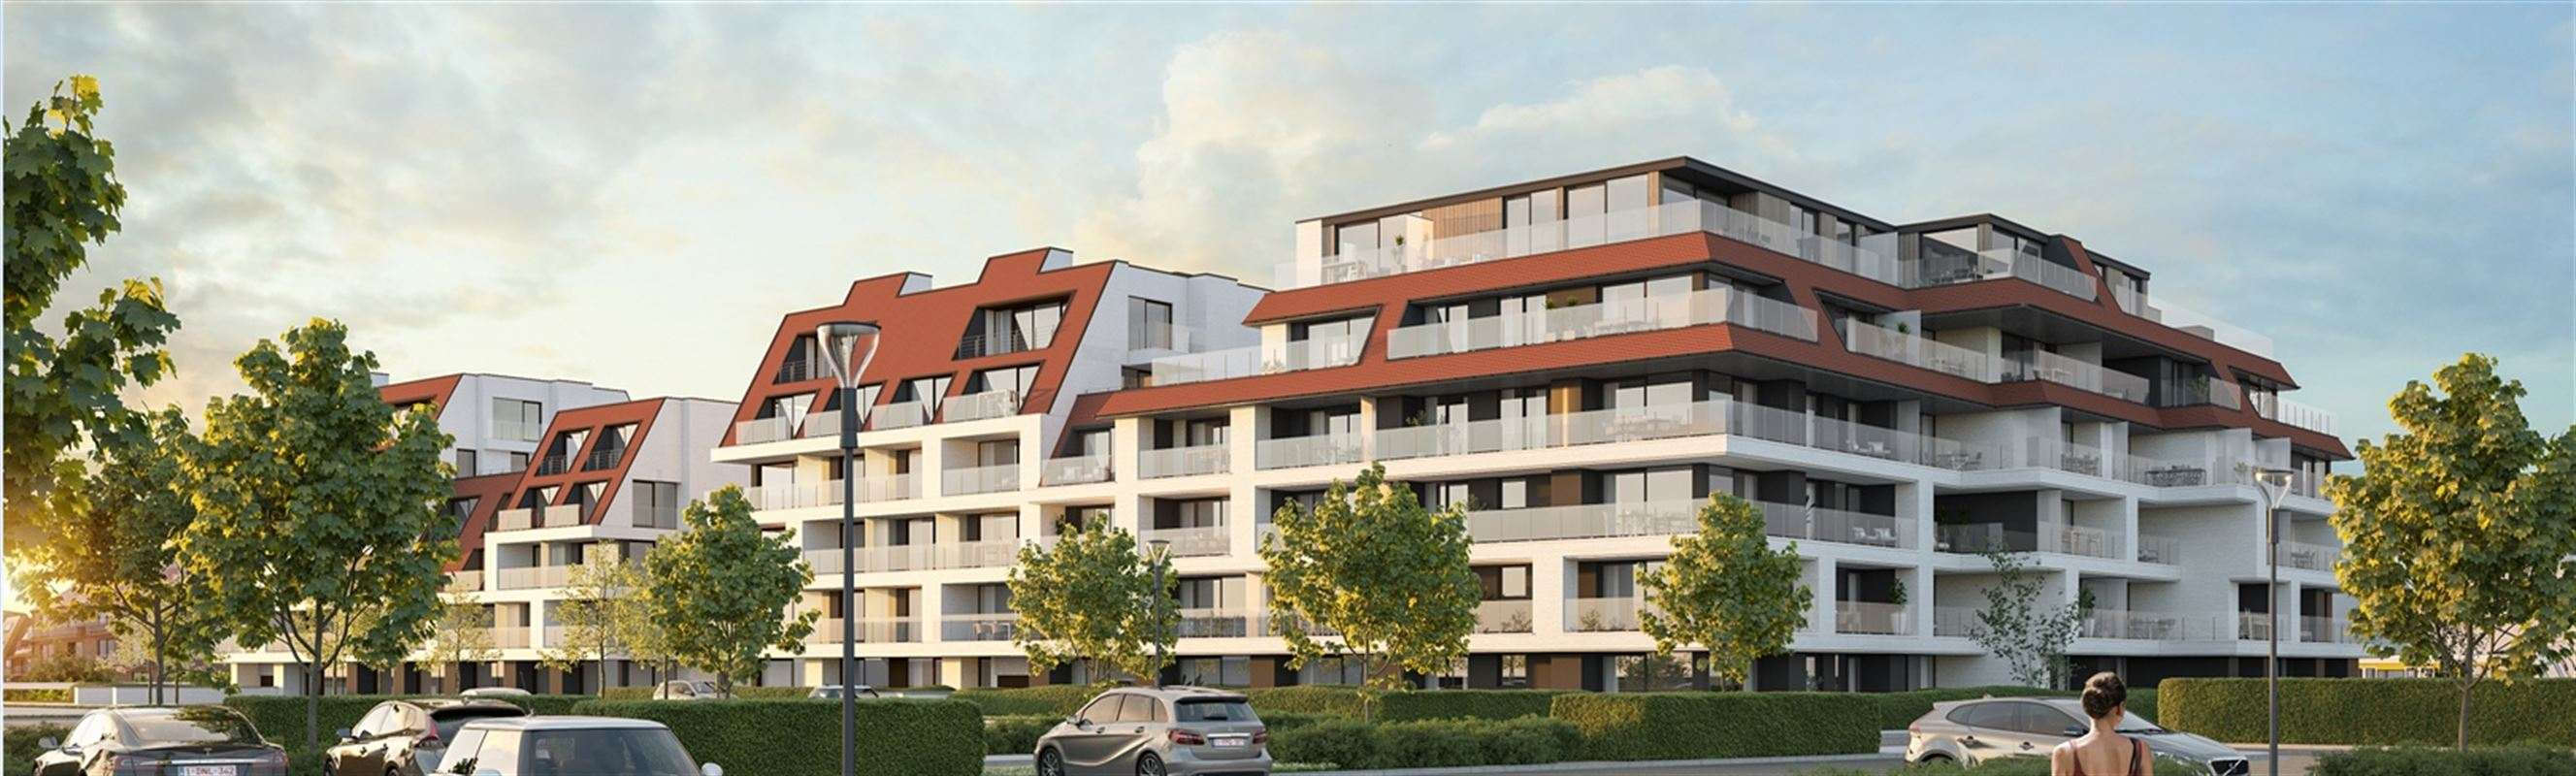 Foto 5 : Appartement te 8620 NIEUWPOORT (België) - Prijs € 425.000